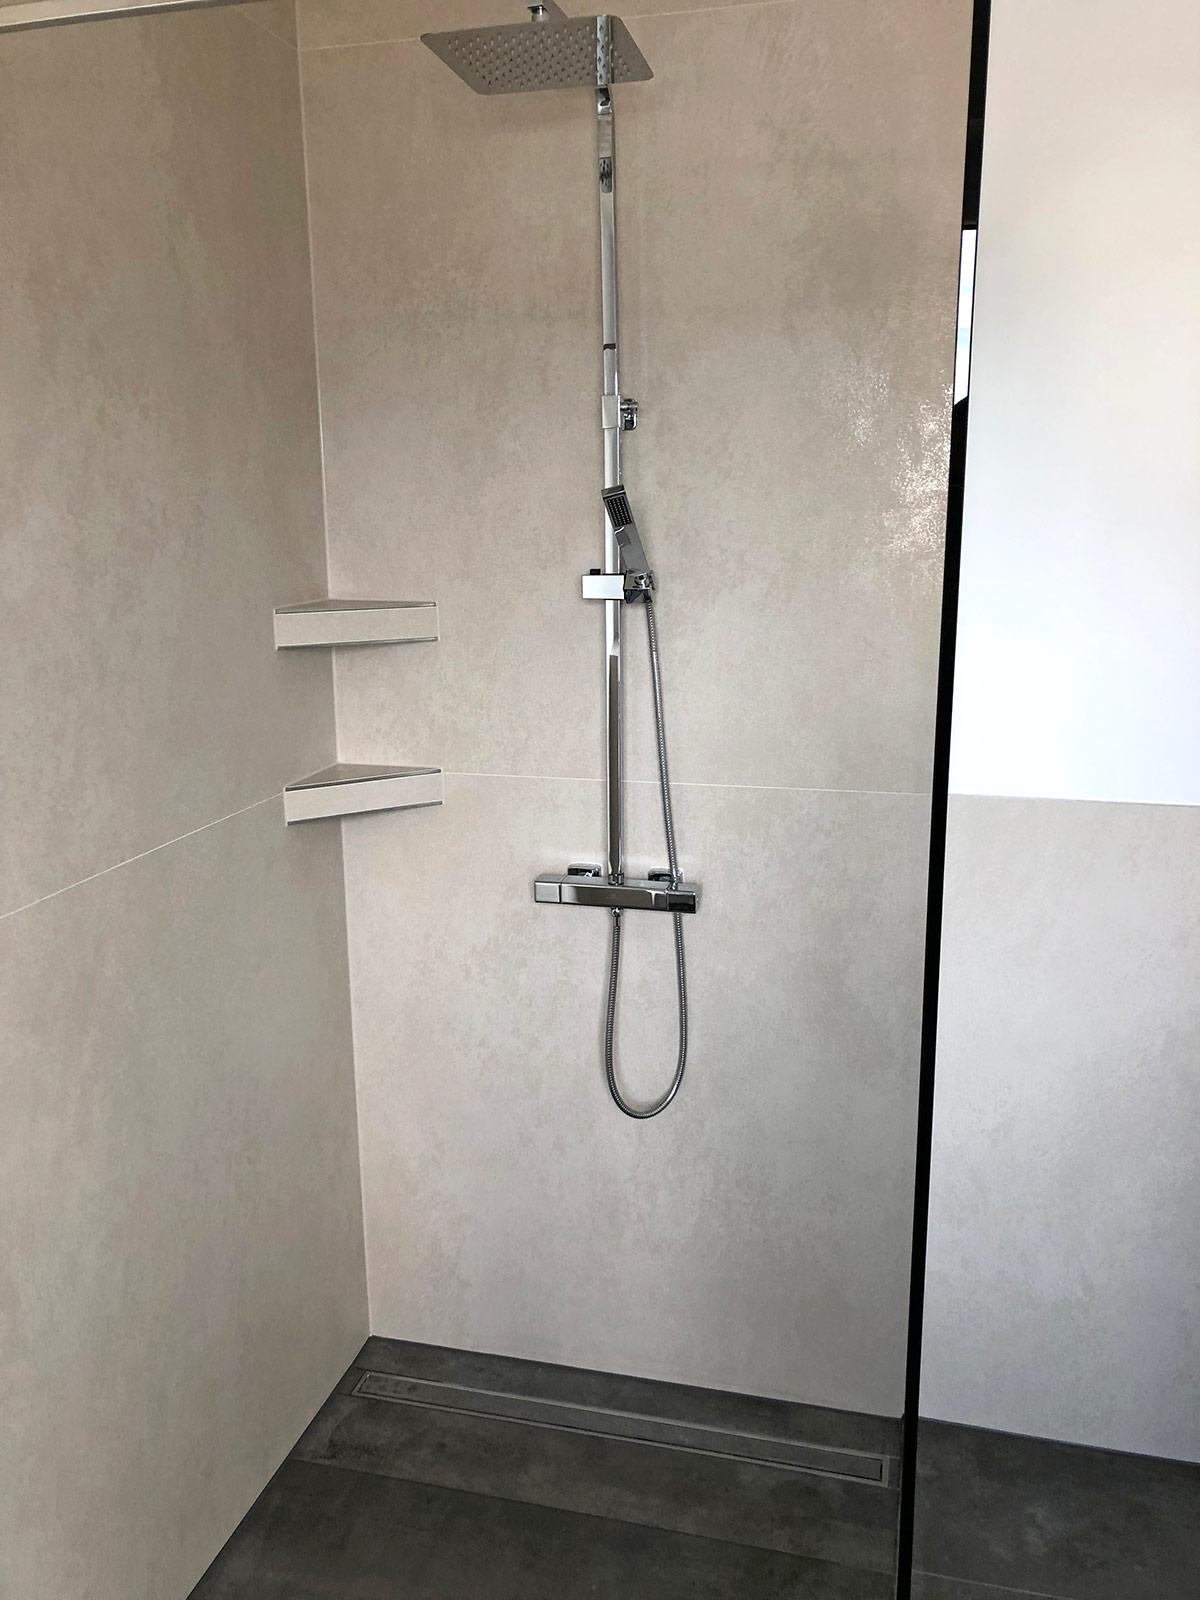 Dusche mit Ablagen, Coverlam-Fliesen 1,20x1,20 m